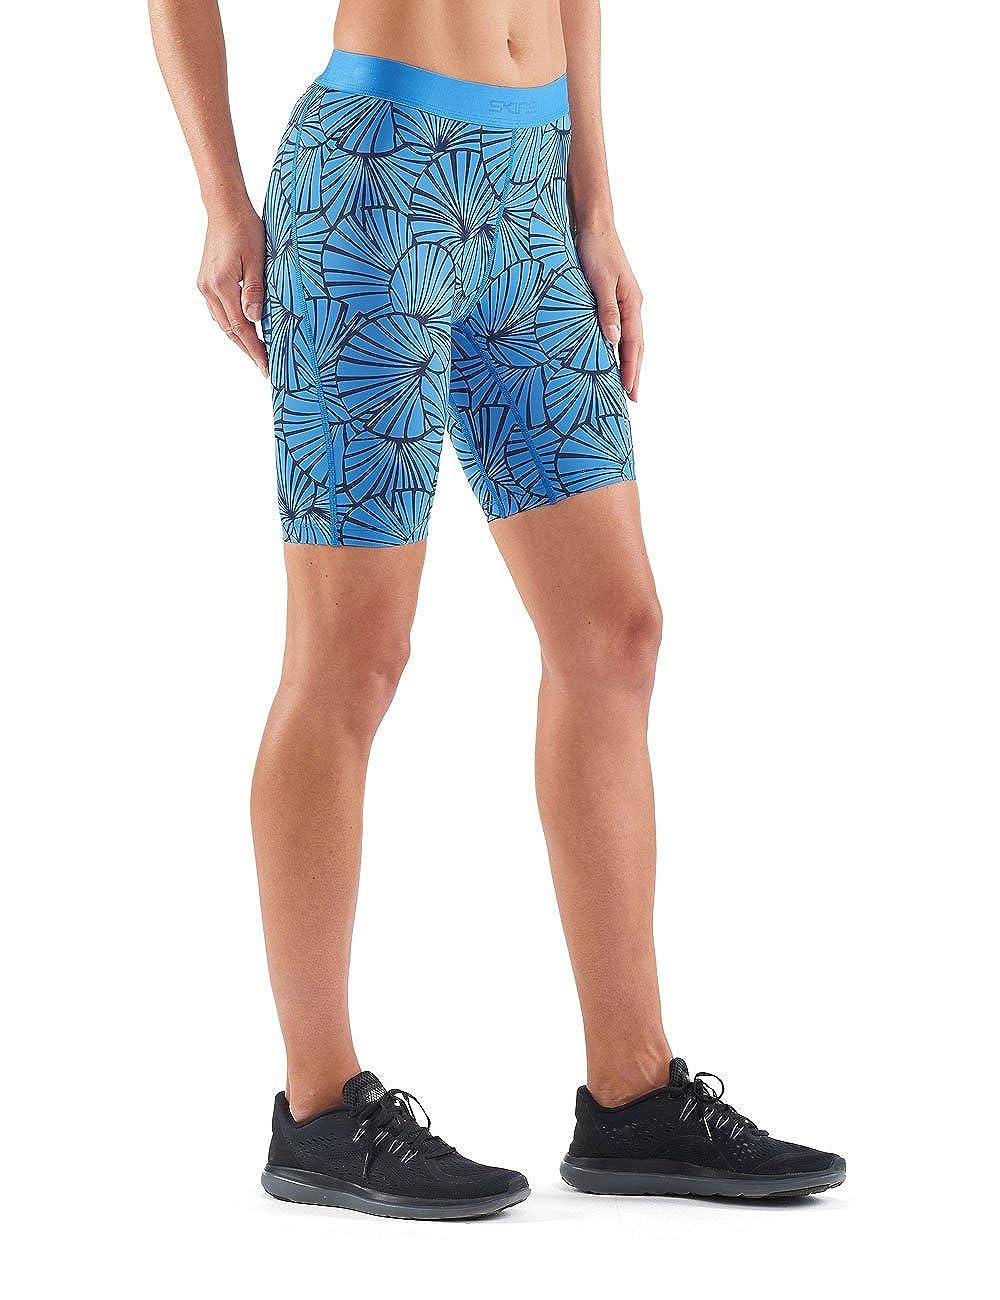 SKINS DNAmic Pantalones Cortos, Mujer: Amazon.es: Ropa y accesorios